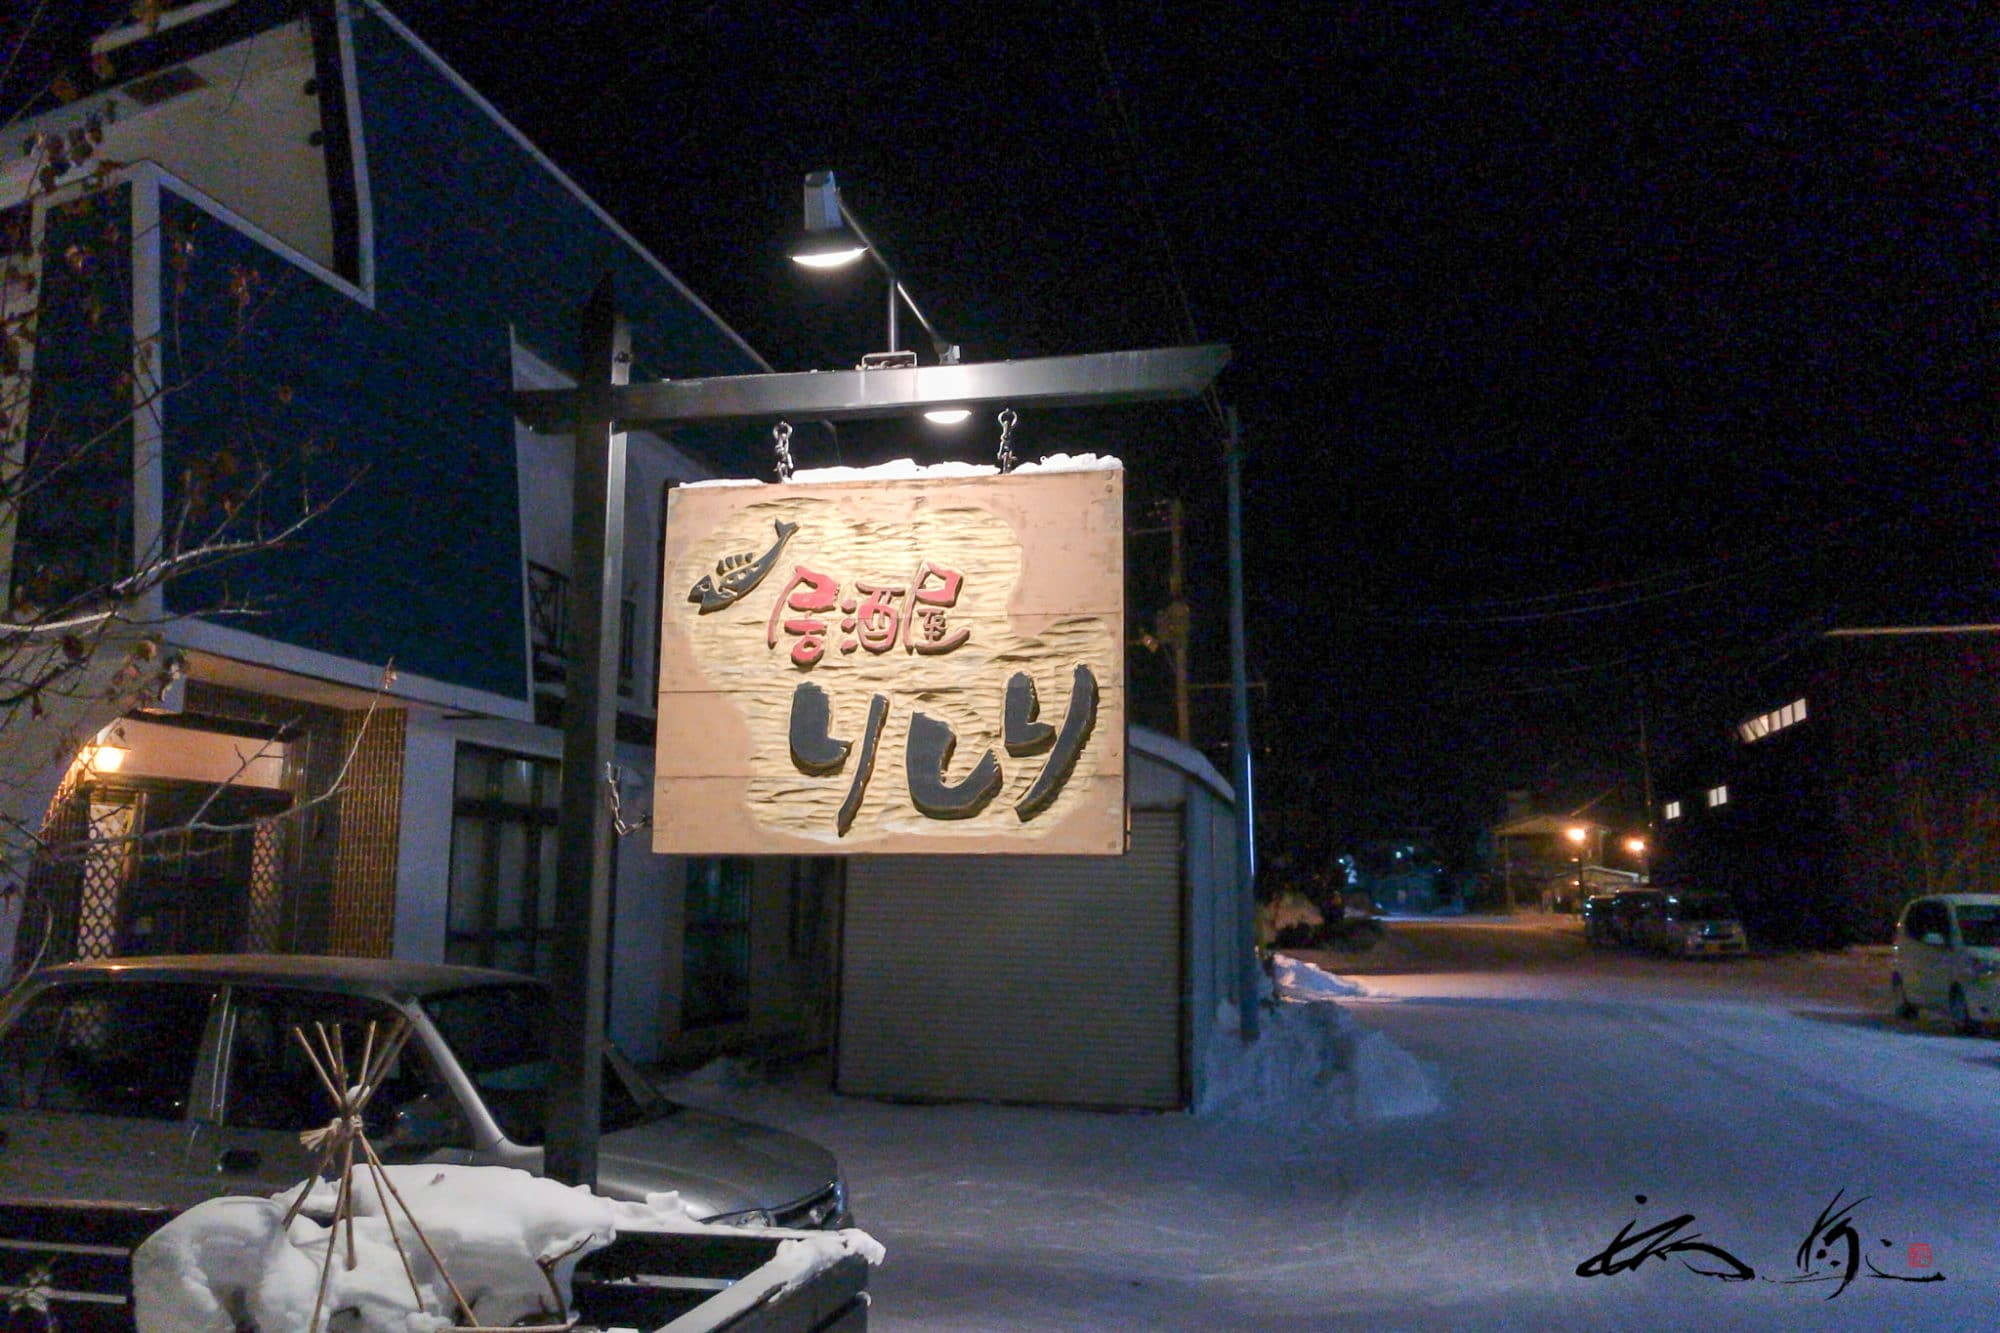 居酒屋りしり(東川町)で美味しいお料理と楽しい時間